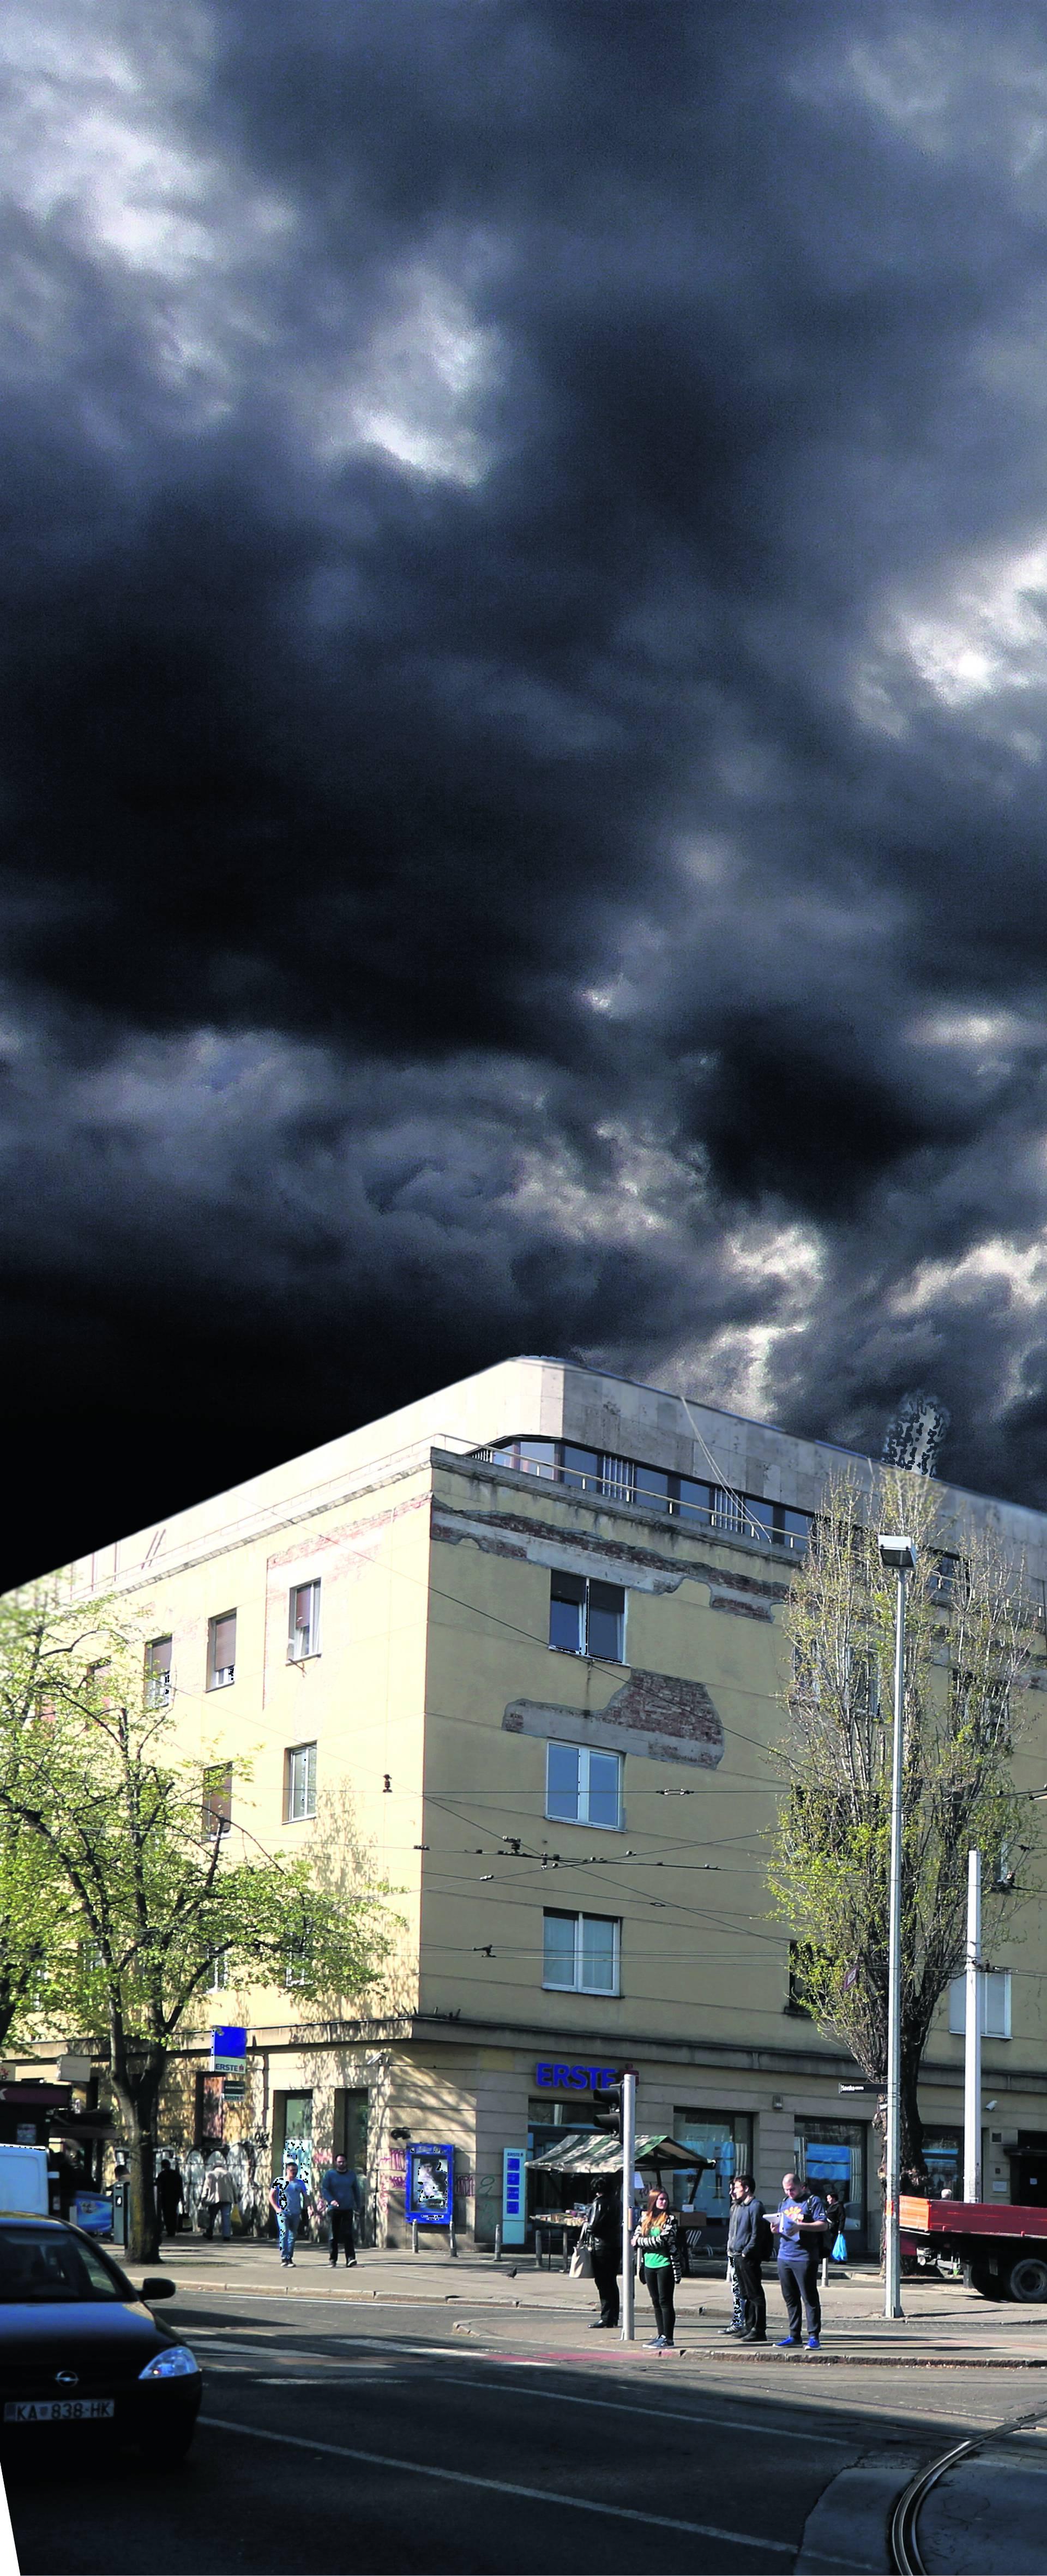 Tek sad će biti oluje: Tko je s kim i na koje načine povezan...